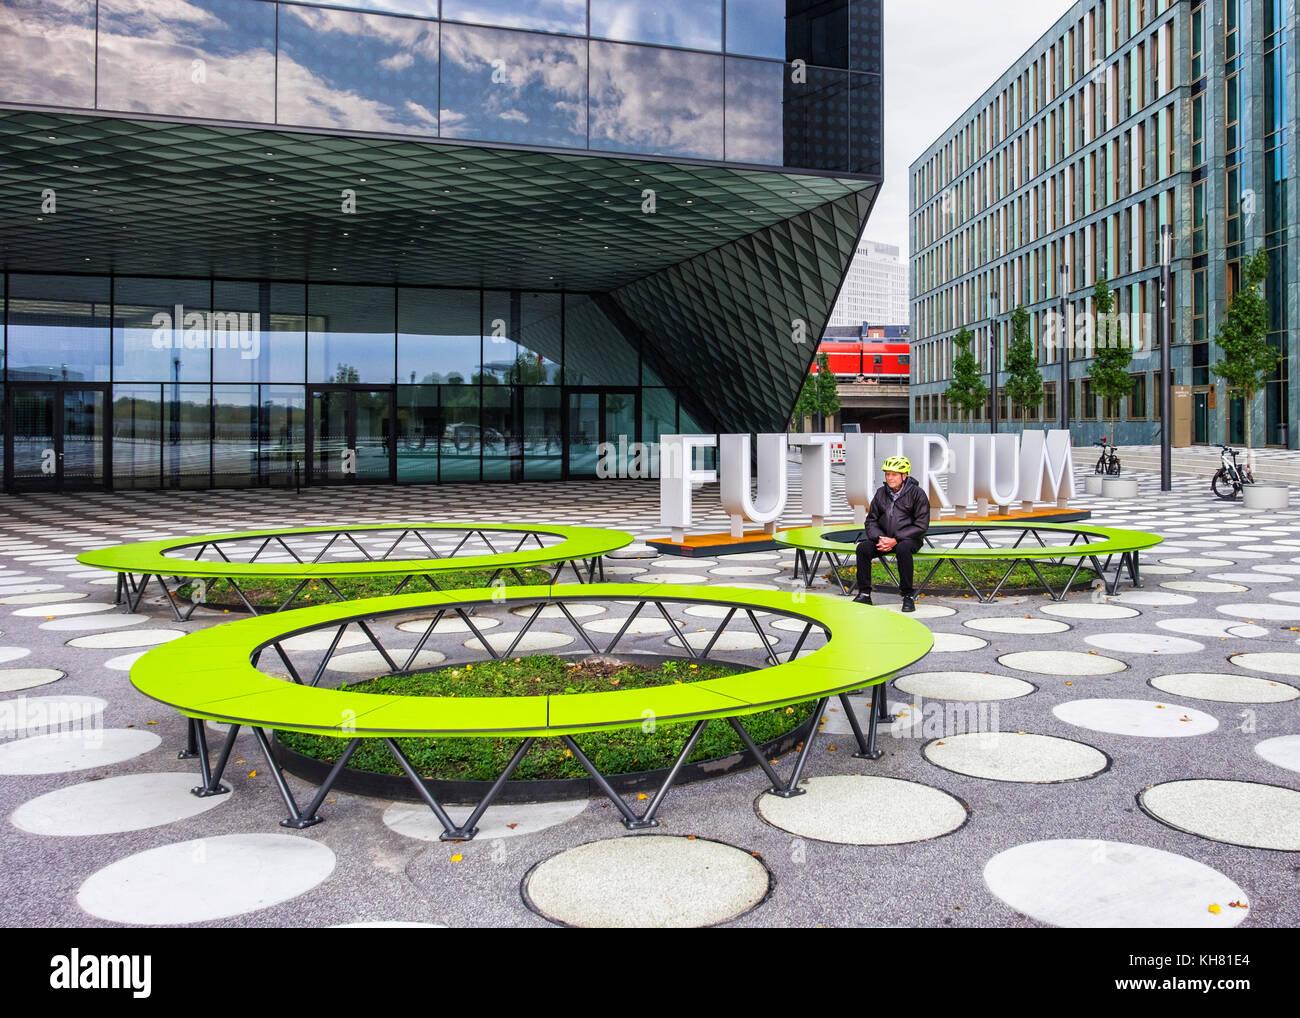 Berlino,lfuturium - Centro per il futuro.moderno edificio di vetro ...